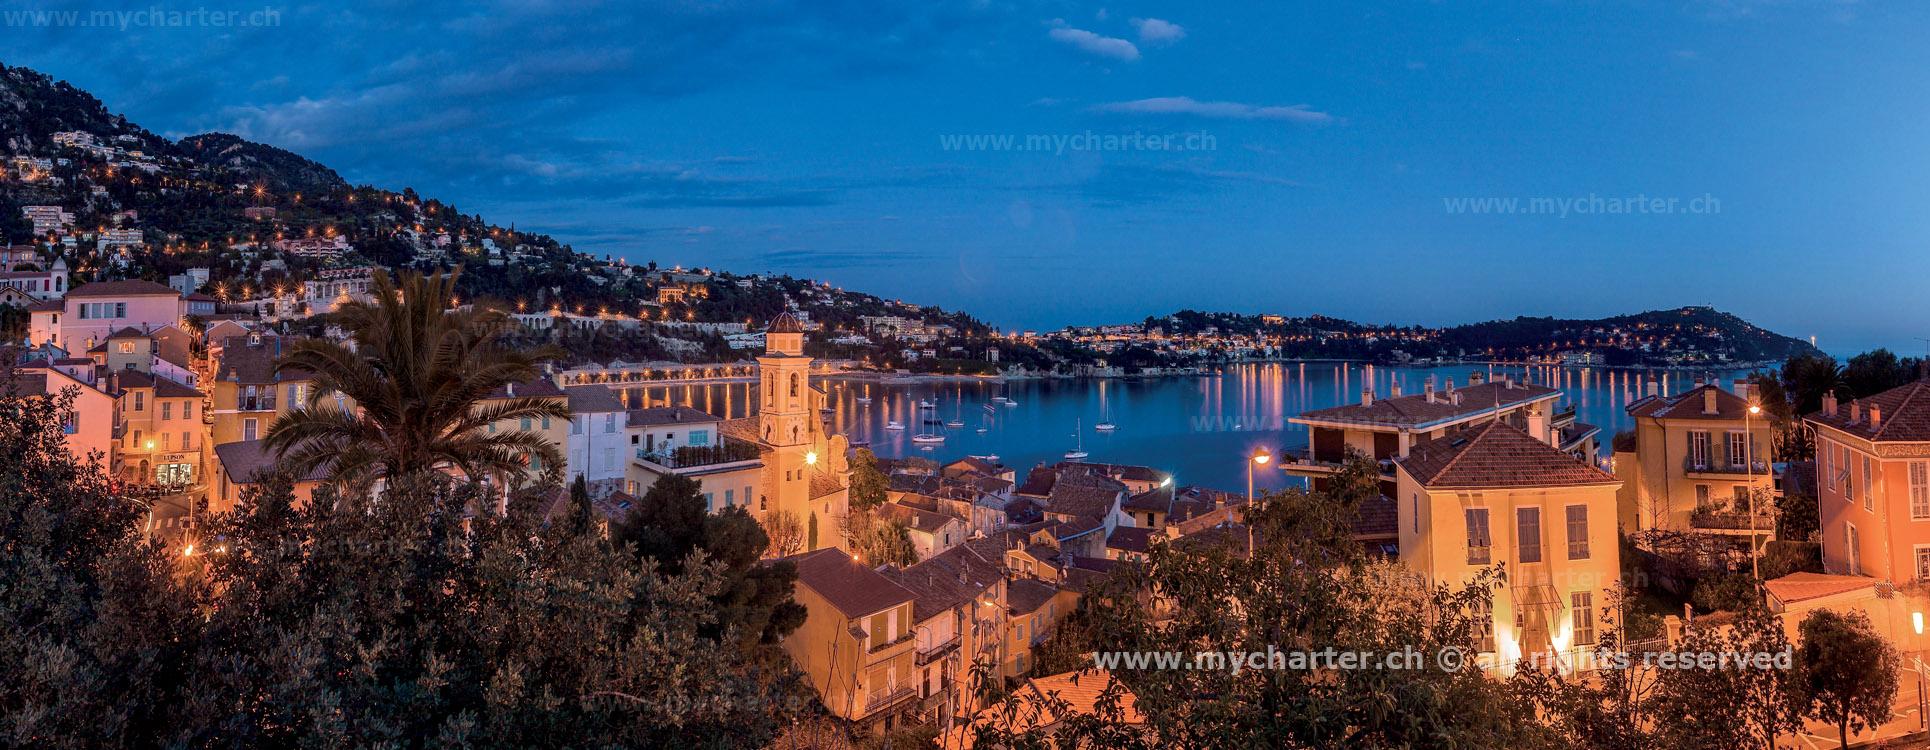 Côte d'Azur - Villefranche sur Mer